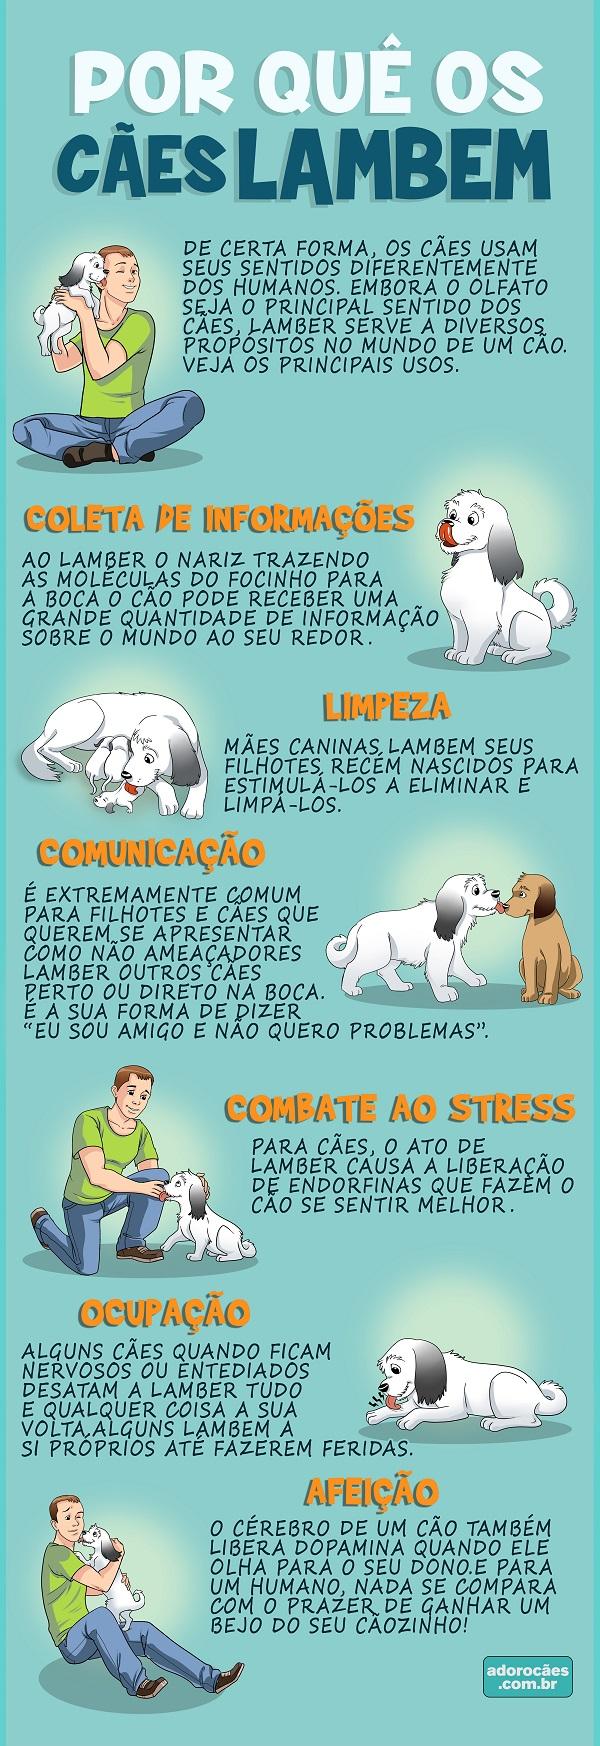 Por-quê-os-cães-lambem-infografico